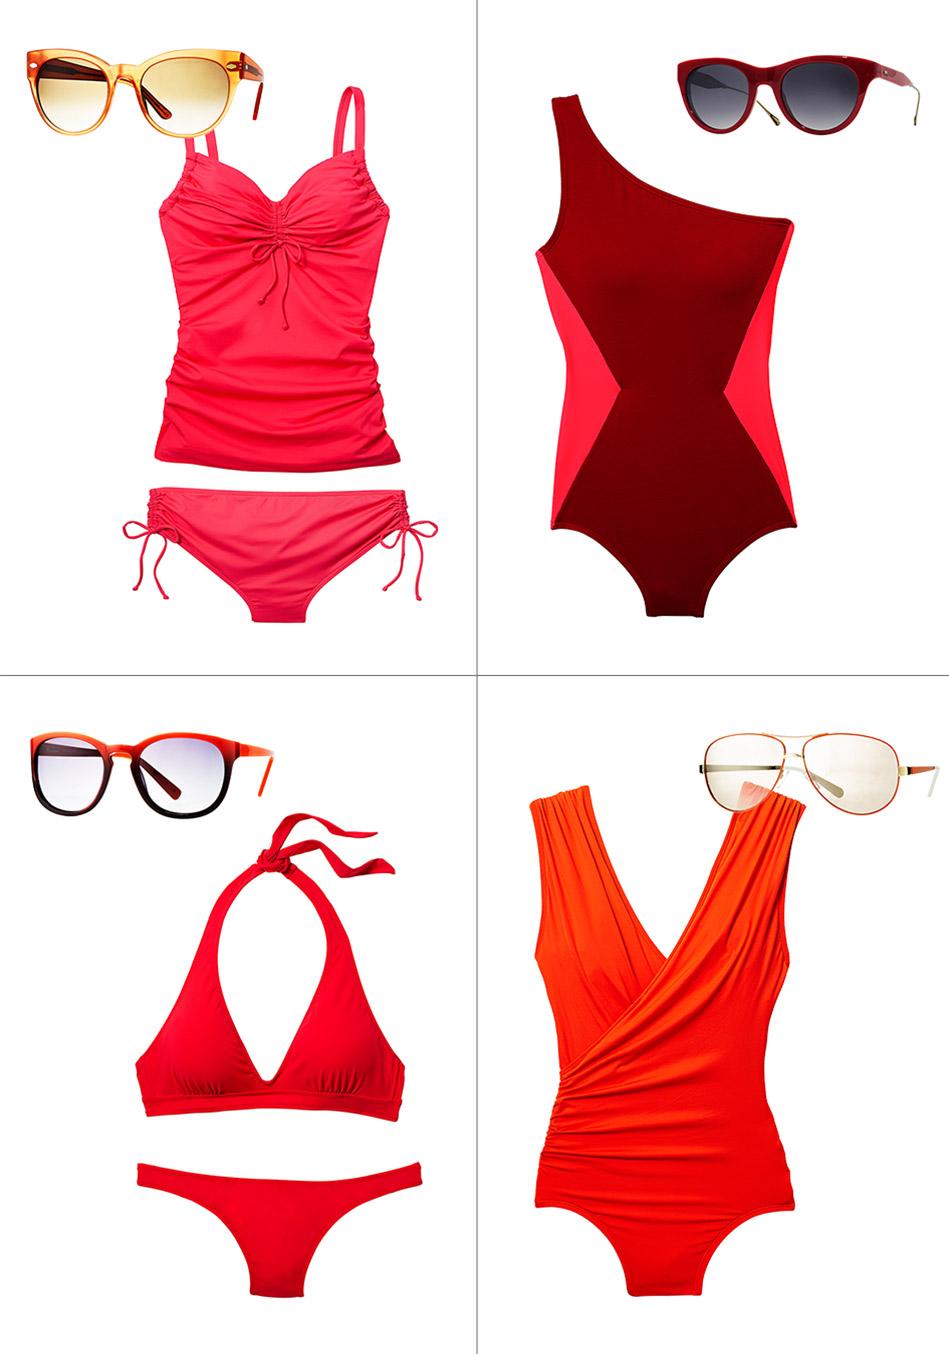 модные купальники и темные очки лето 2014: оттенки помады